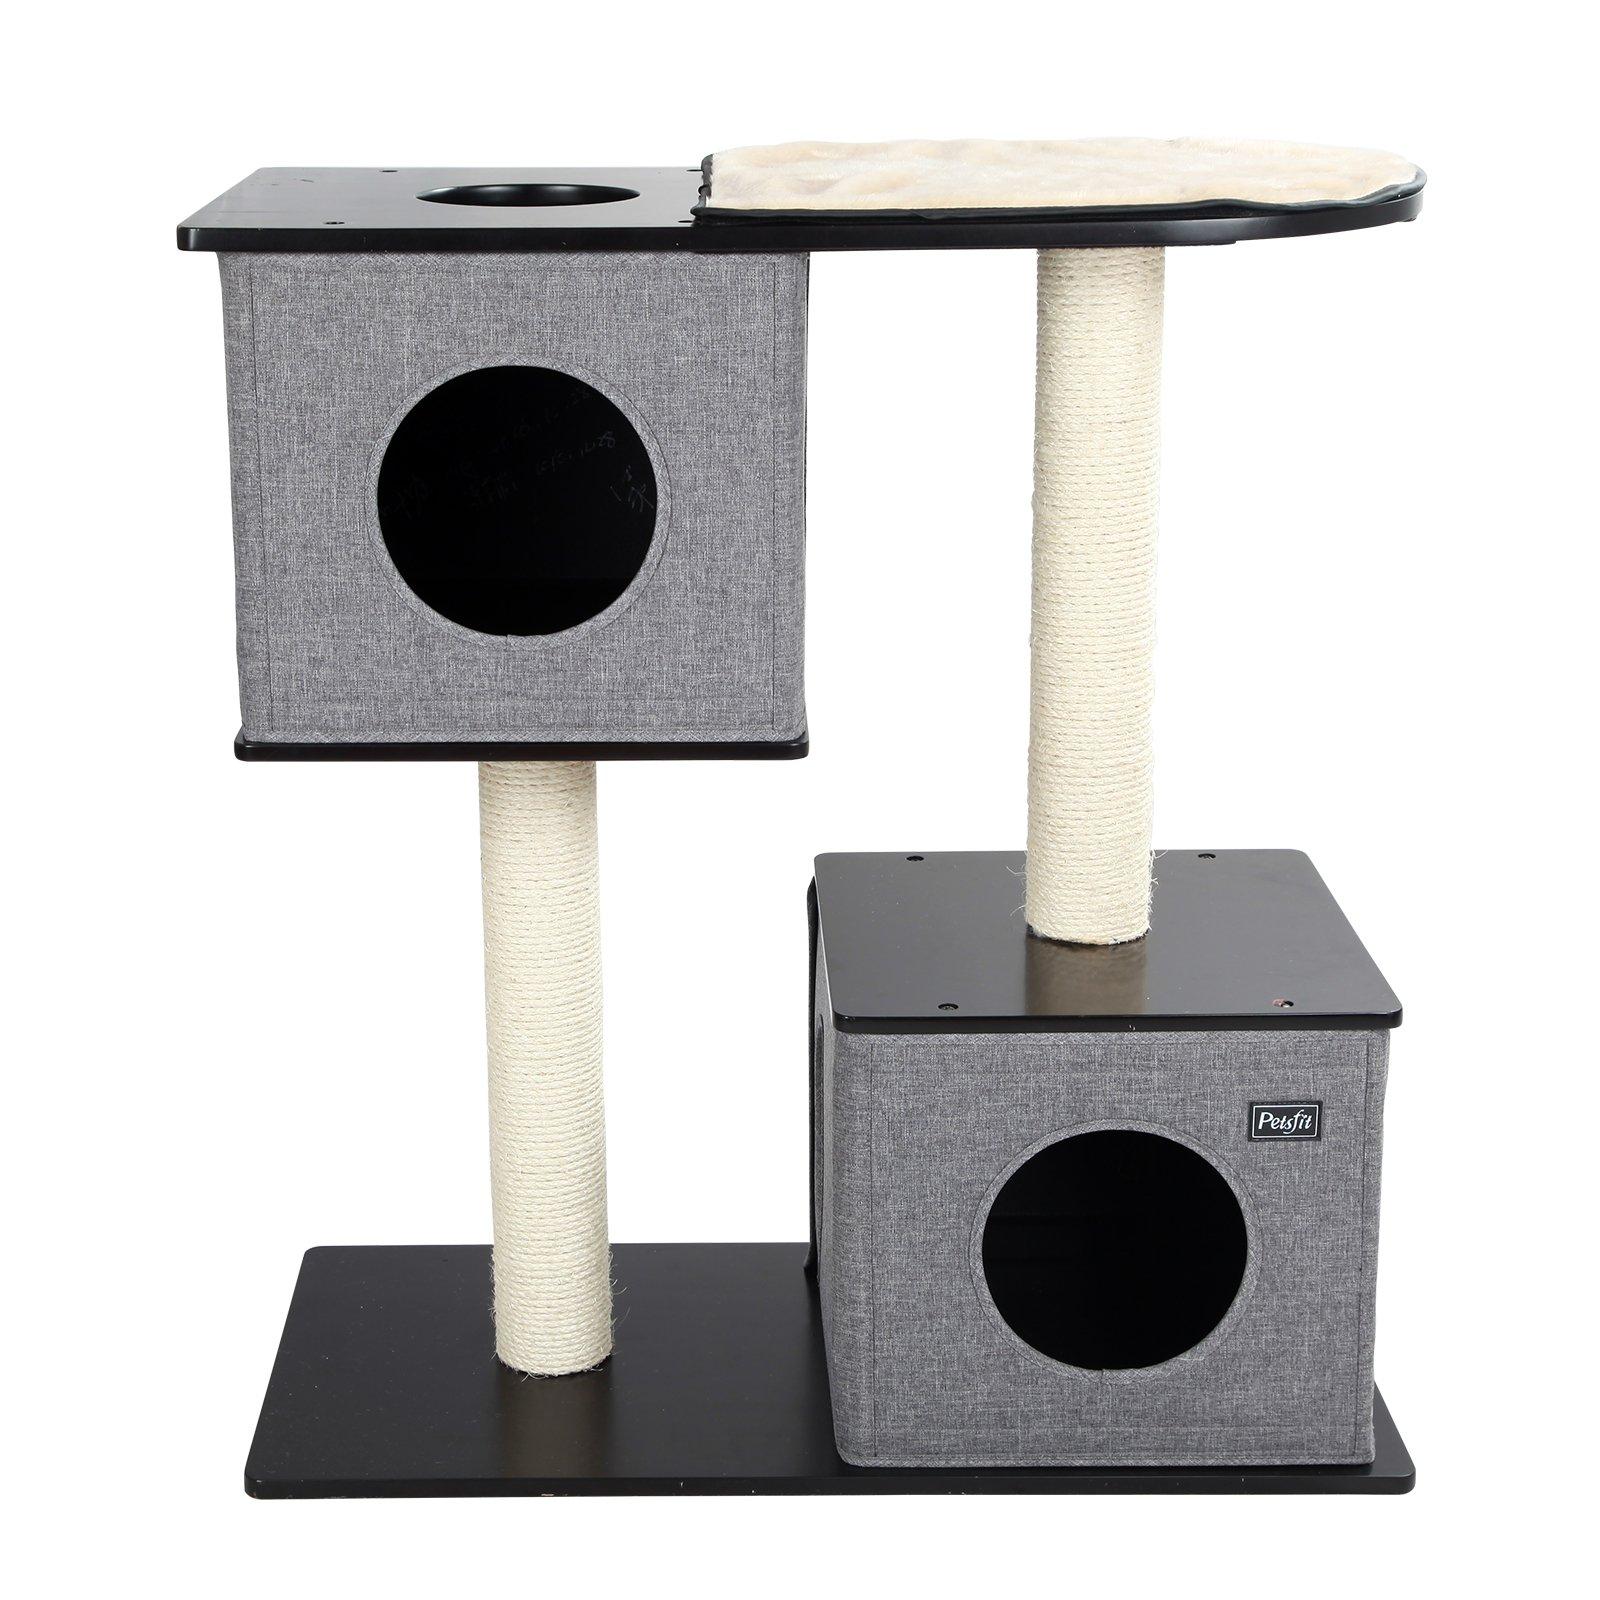 Petsfit 34''H x 32''L x 16''D Cat Tree with Scratching Post / Cat Tree Furniture